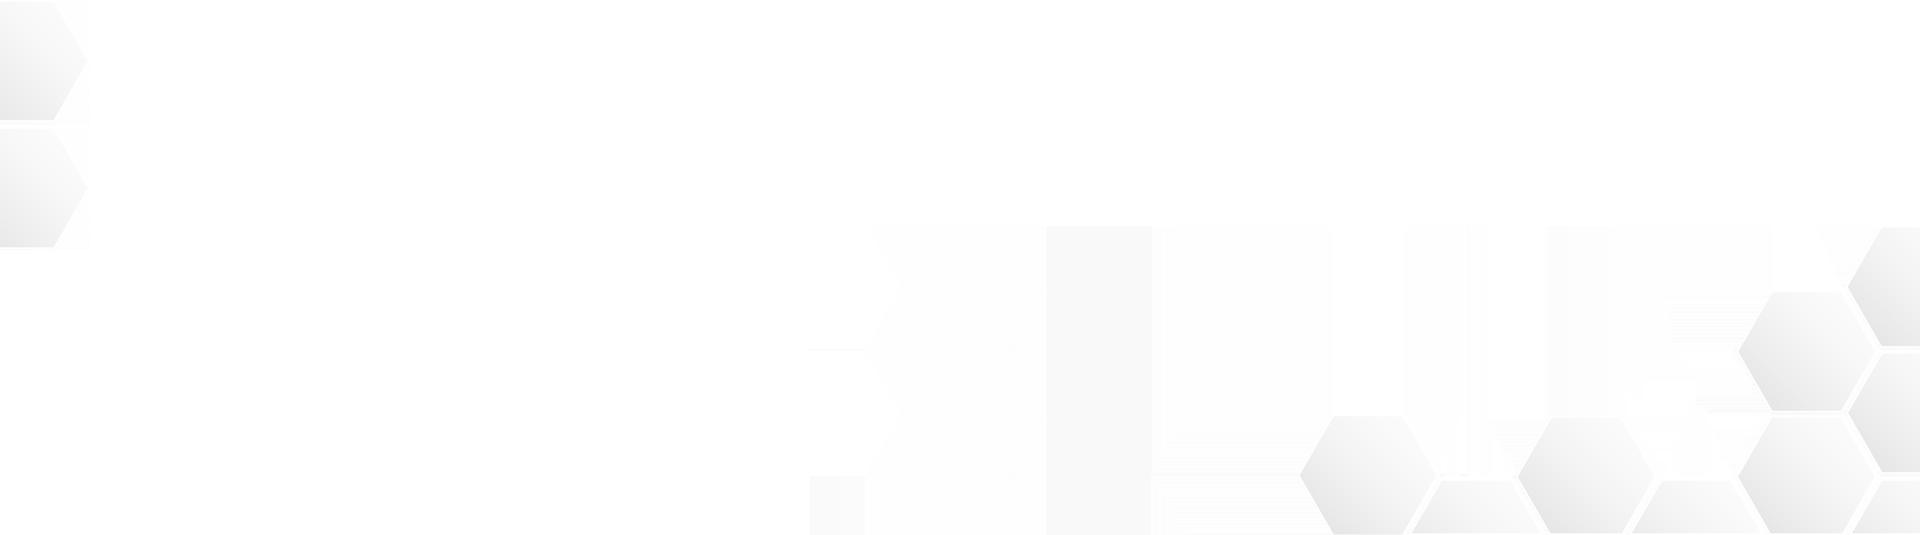 MEC Background Bottom